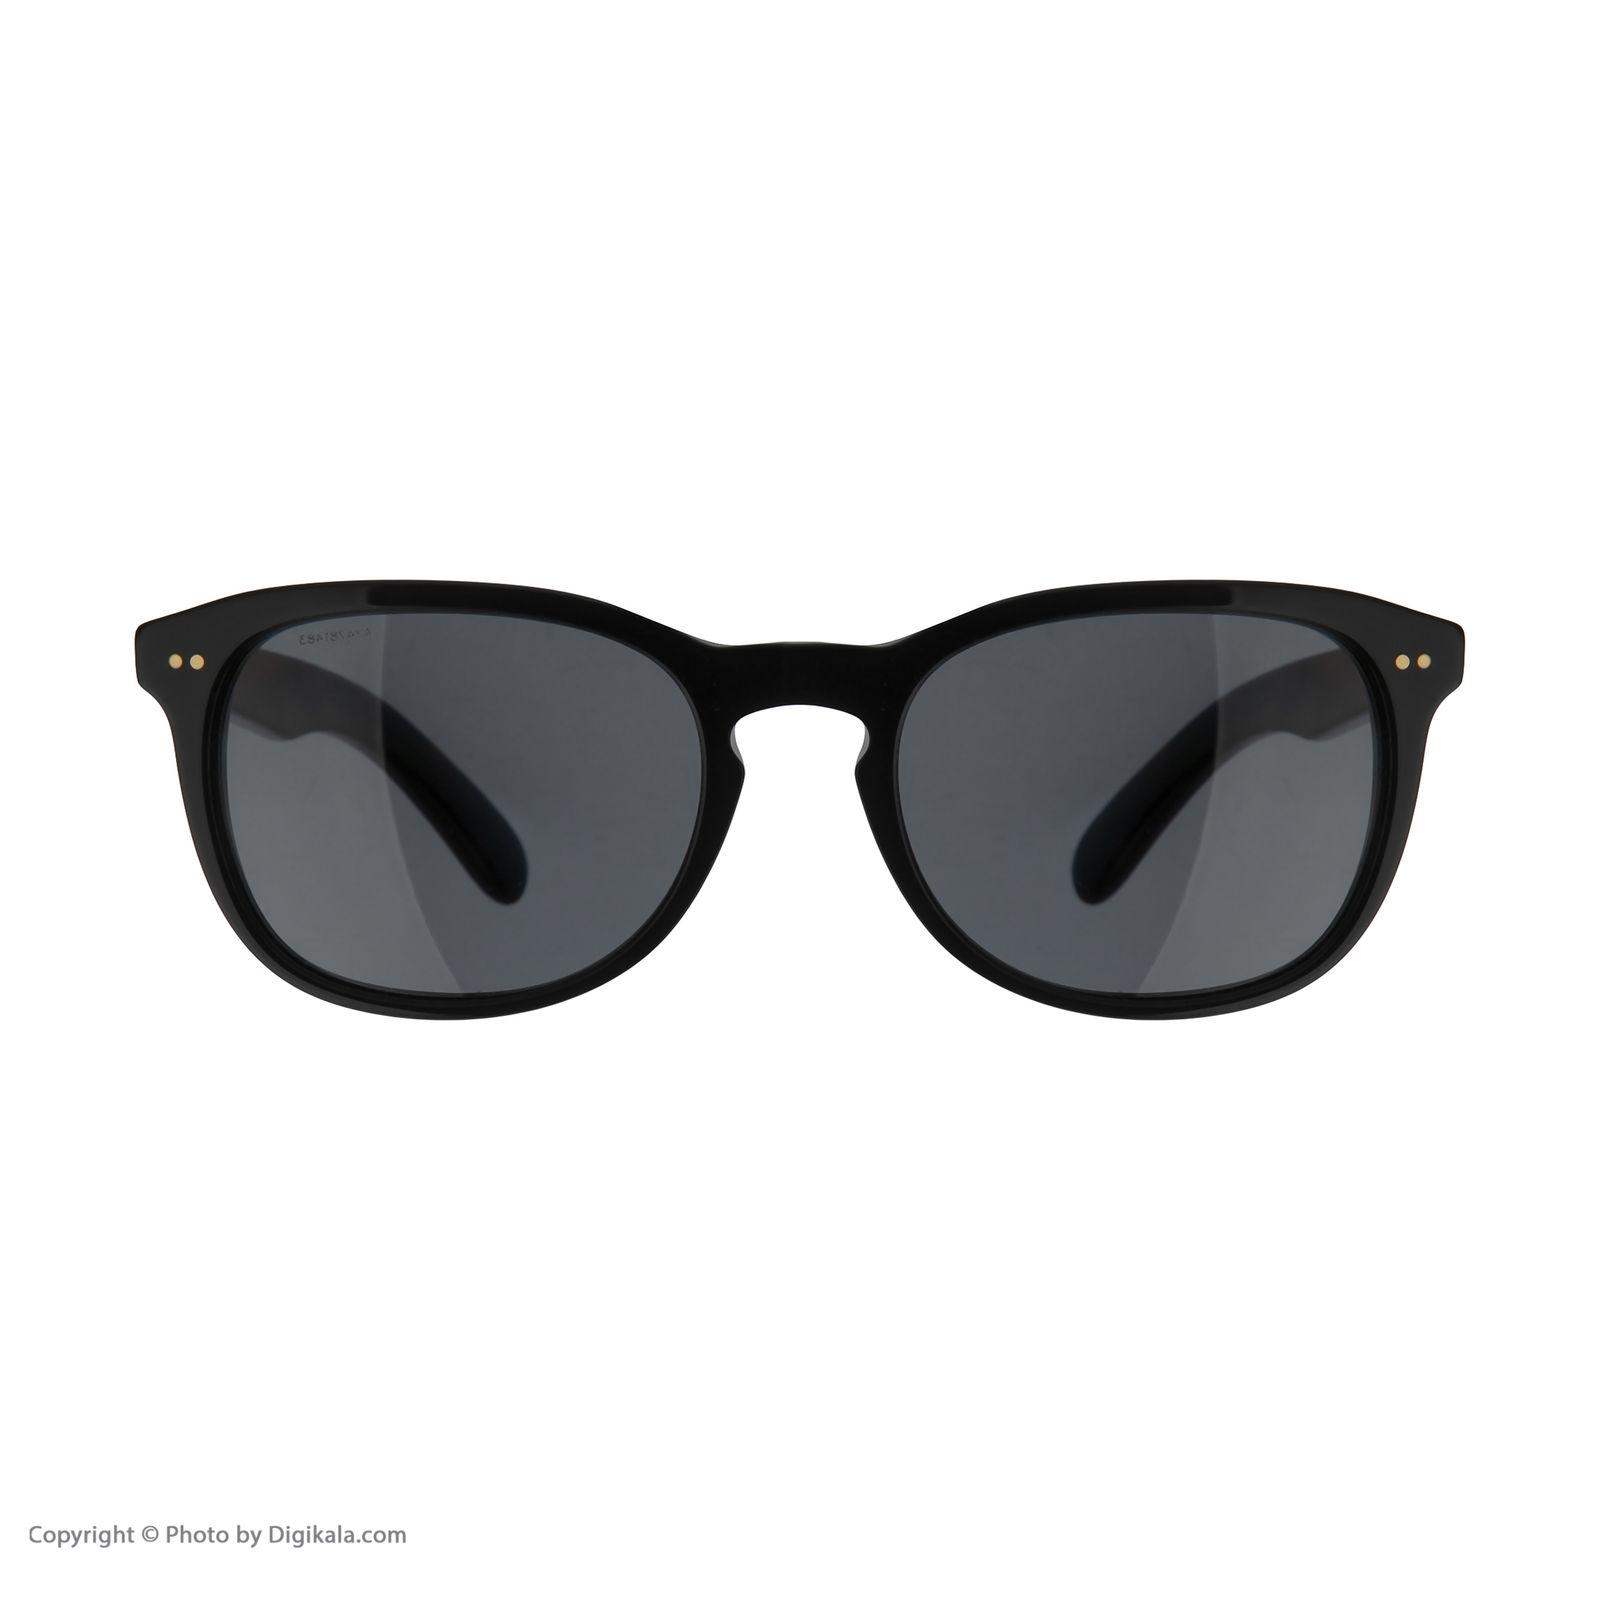 عینک آفتابی مردانه بربری مدل BE 4214S 355487 55 -  - 3